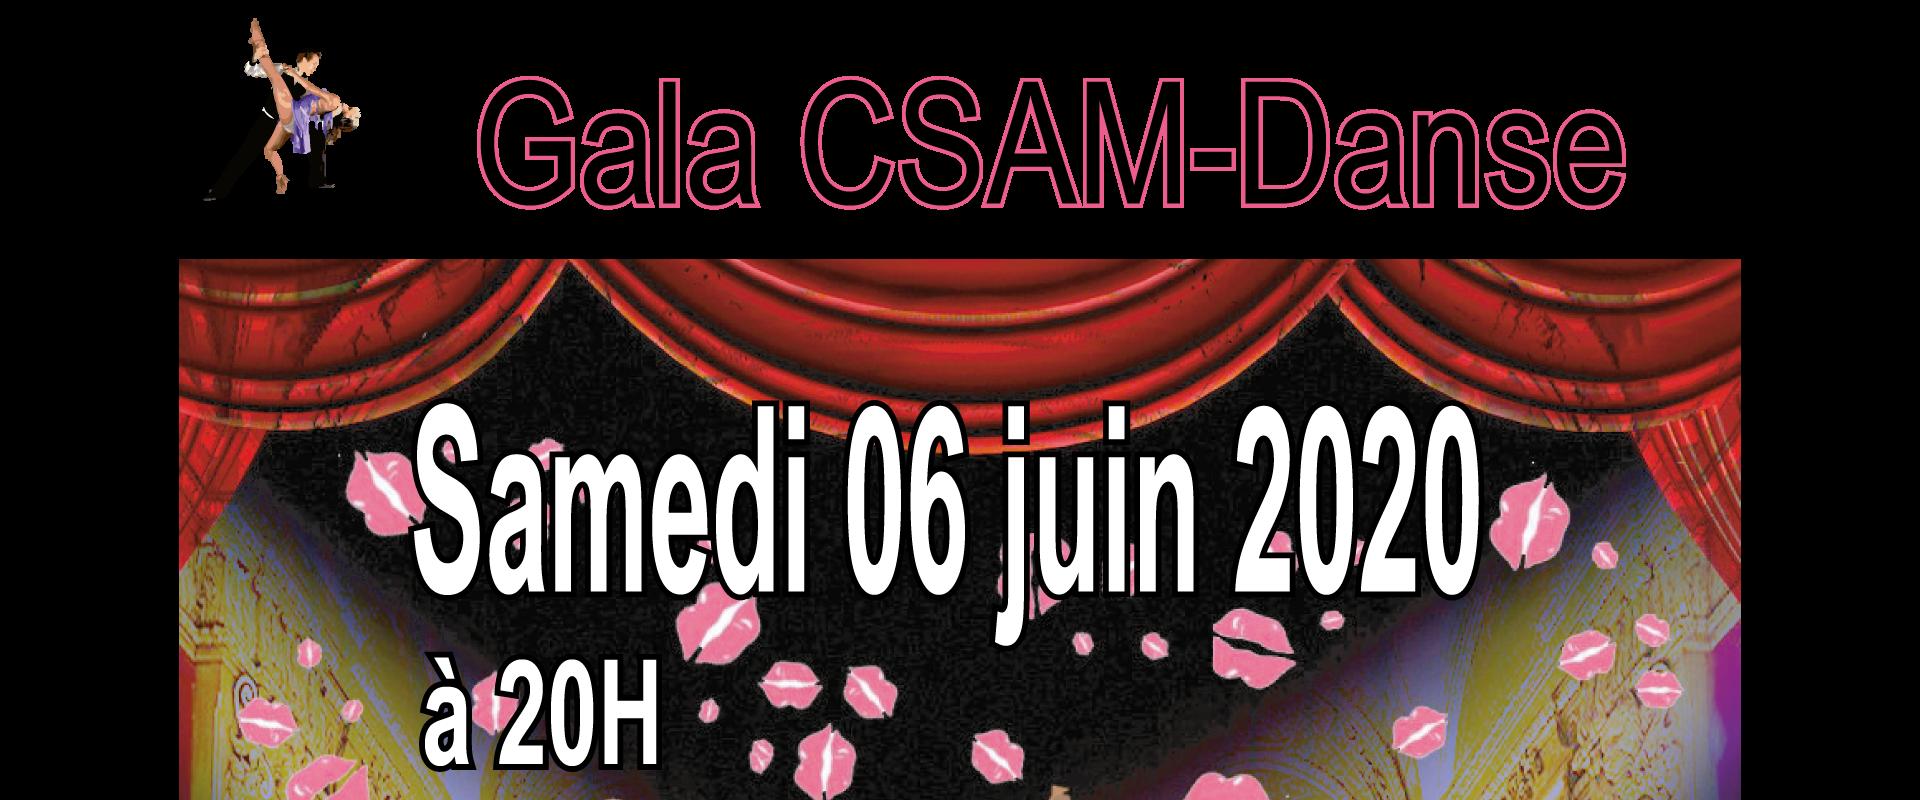 AFFICHE CSAM gala 06 juin 2020 bandeau